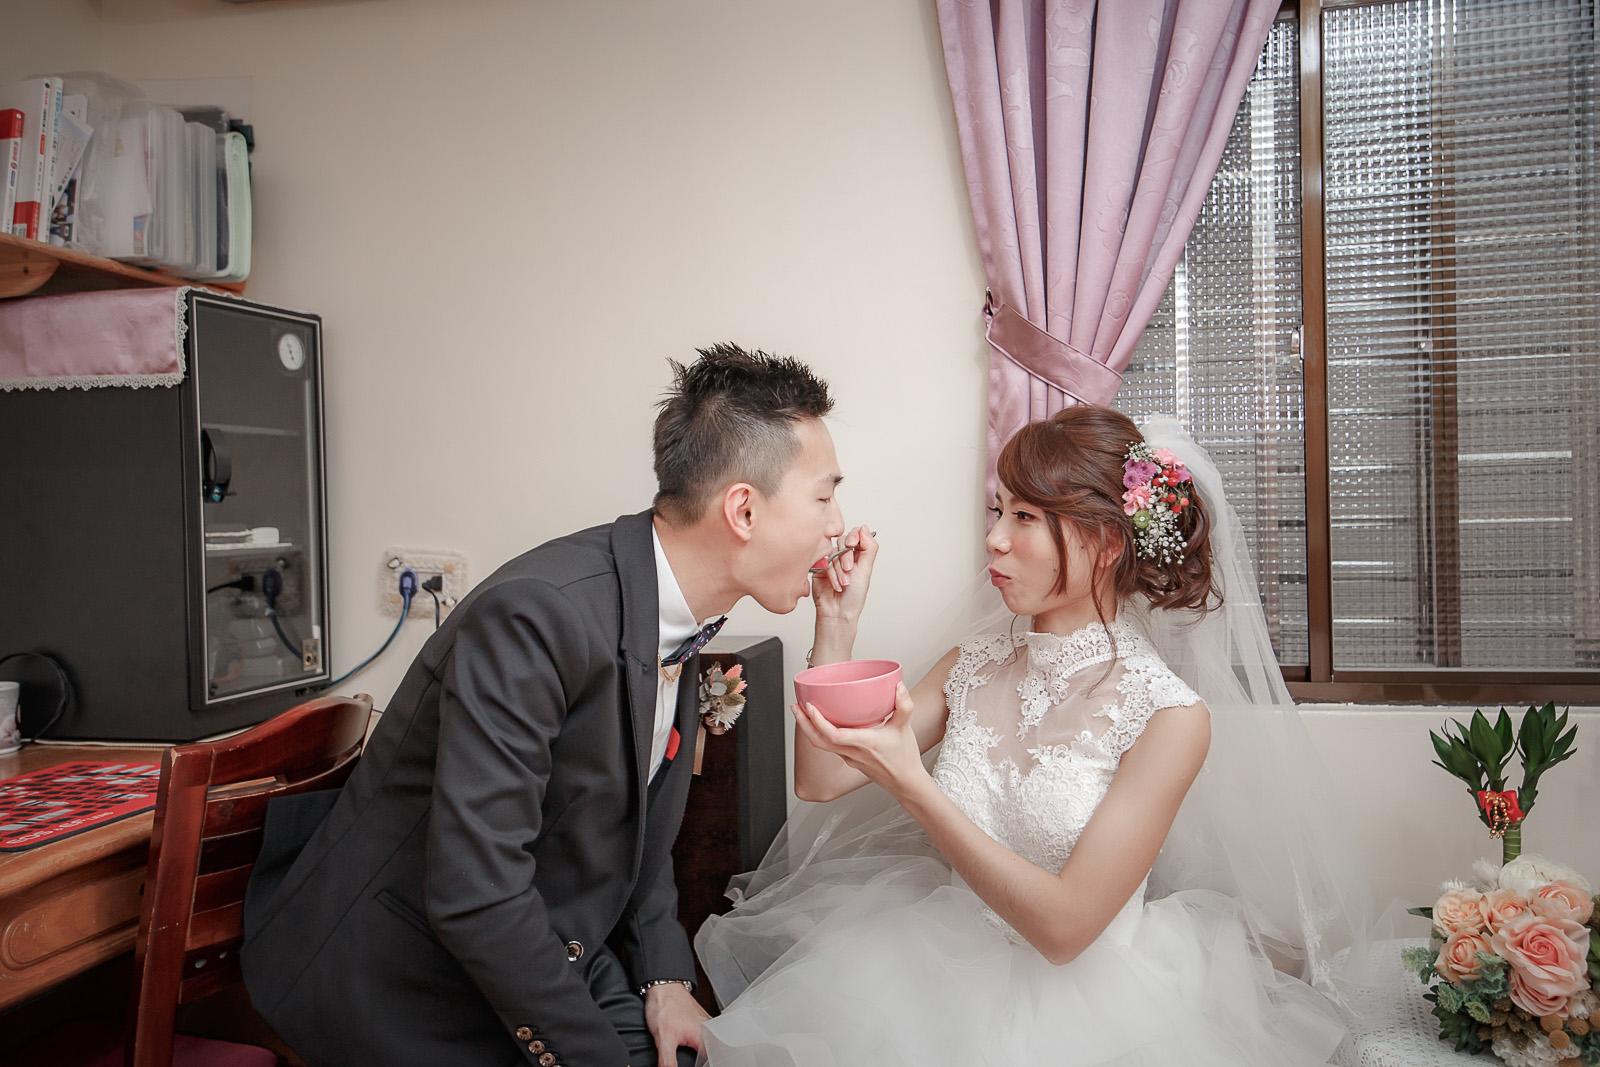 高雄圓山飯店,婚禮攝影,婚攝,高雄婚攝,優質婚攝推薦,Jen&Ethan-186